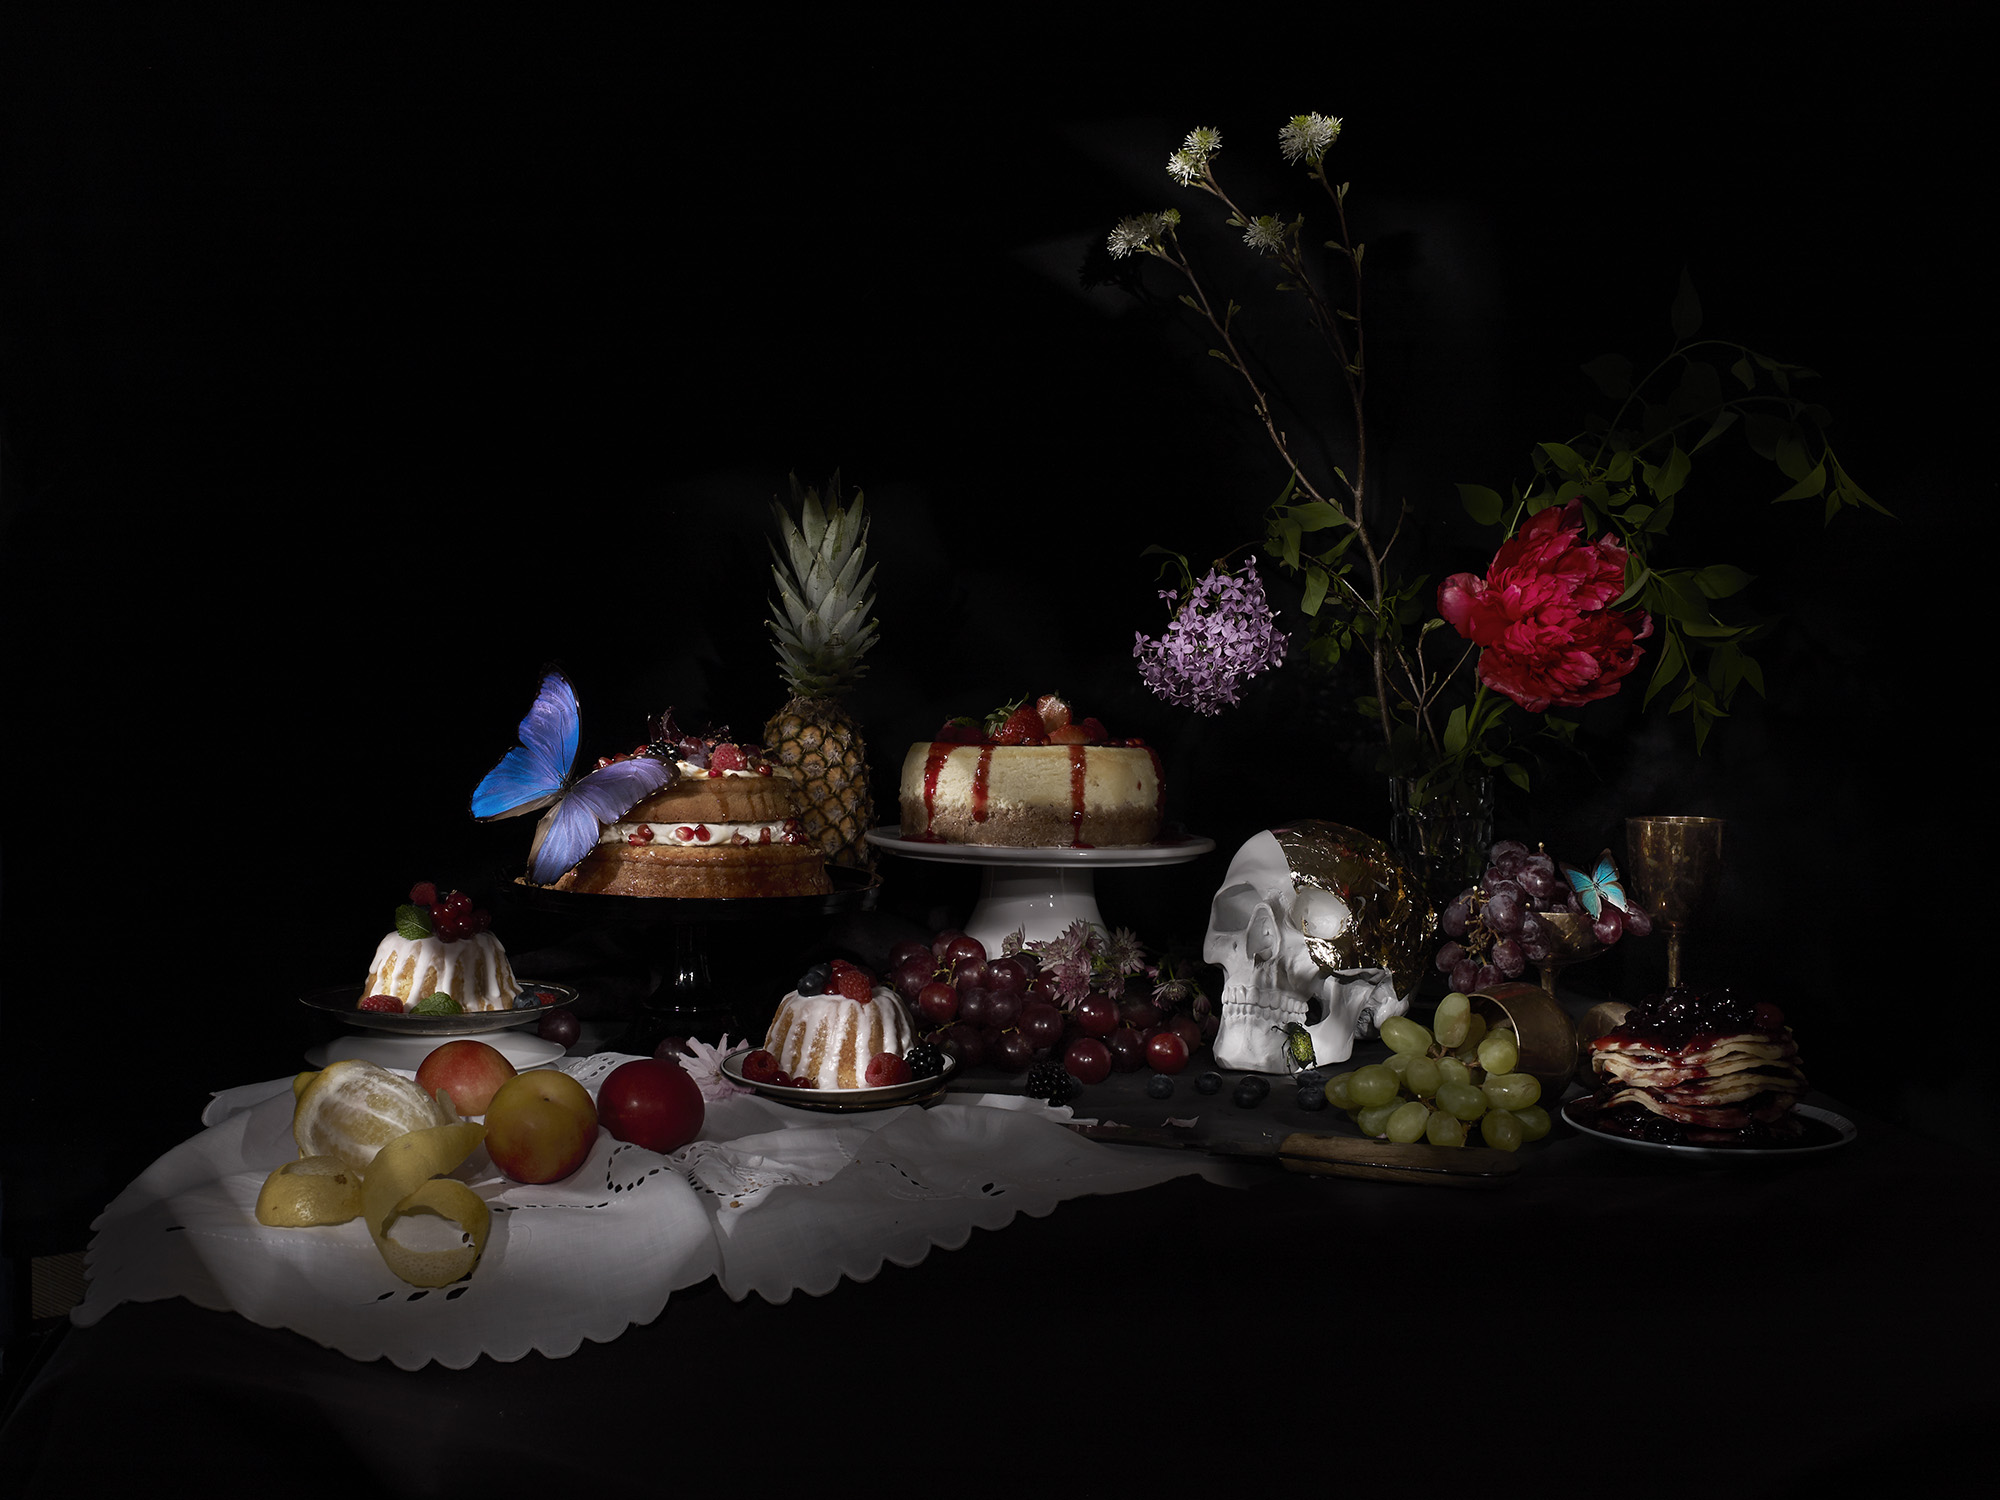 Sweet Feast by Geert de Taeye